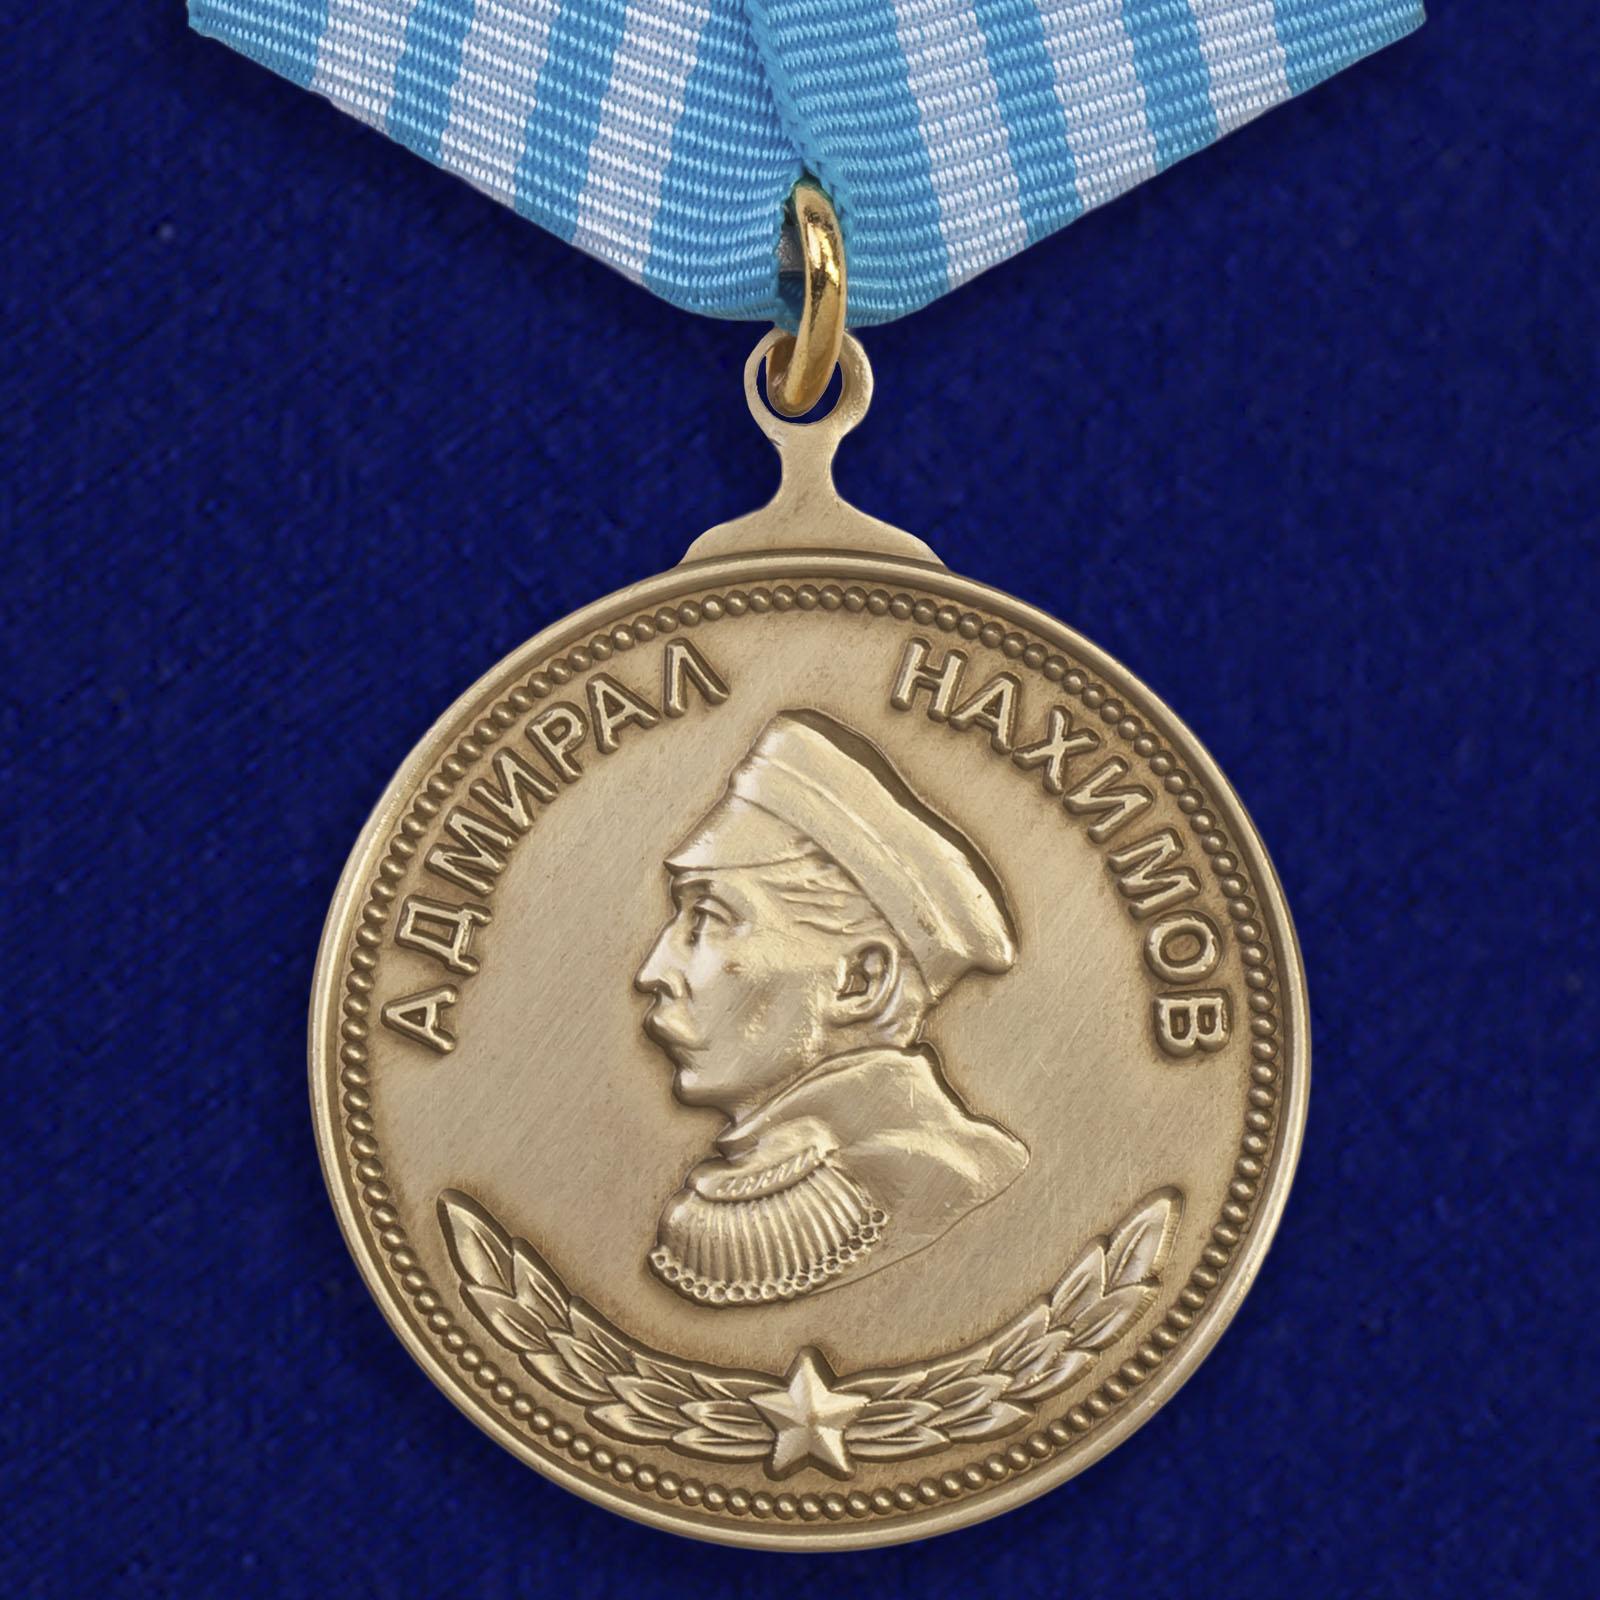 Муляжи боевых медалей Великой Отечественной войны